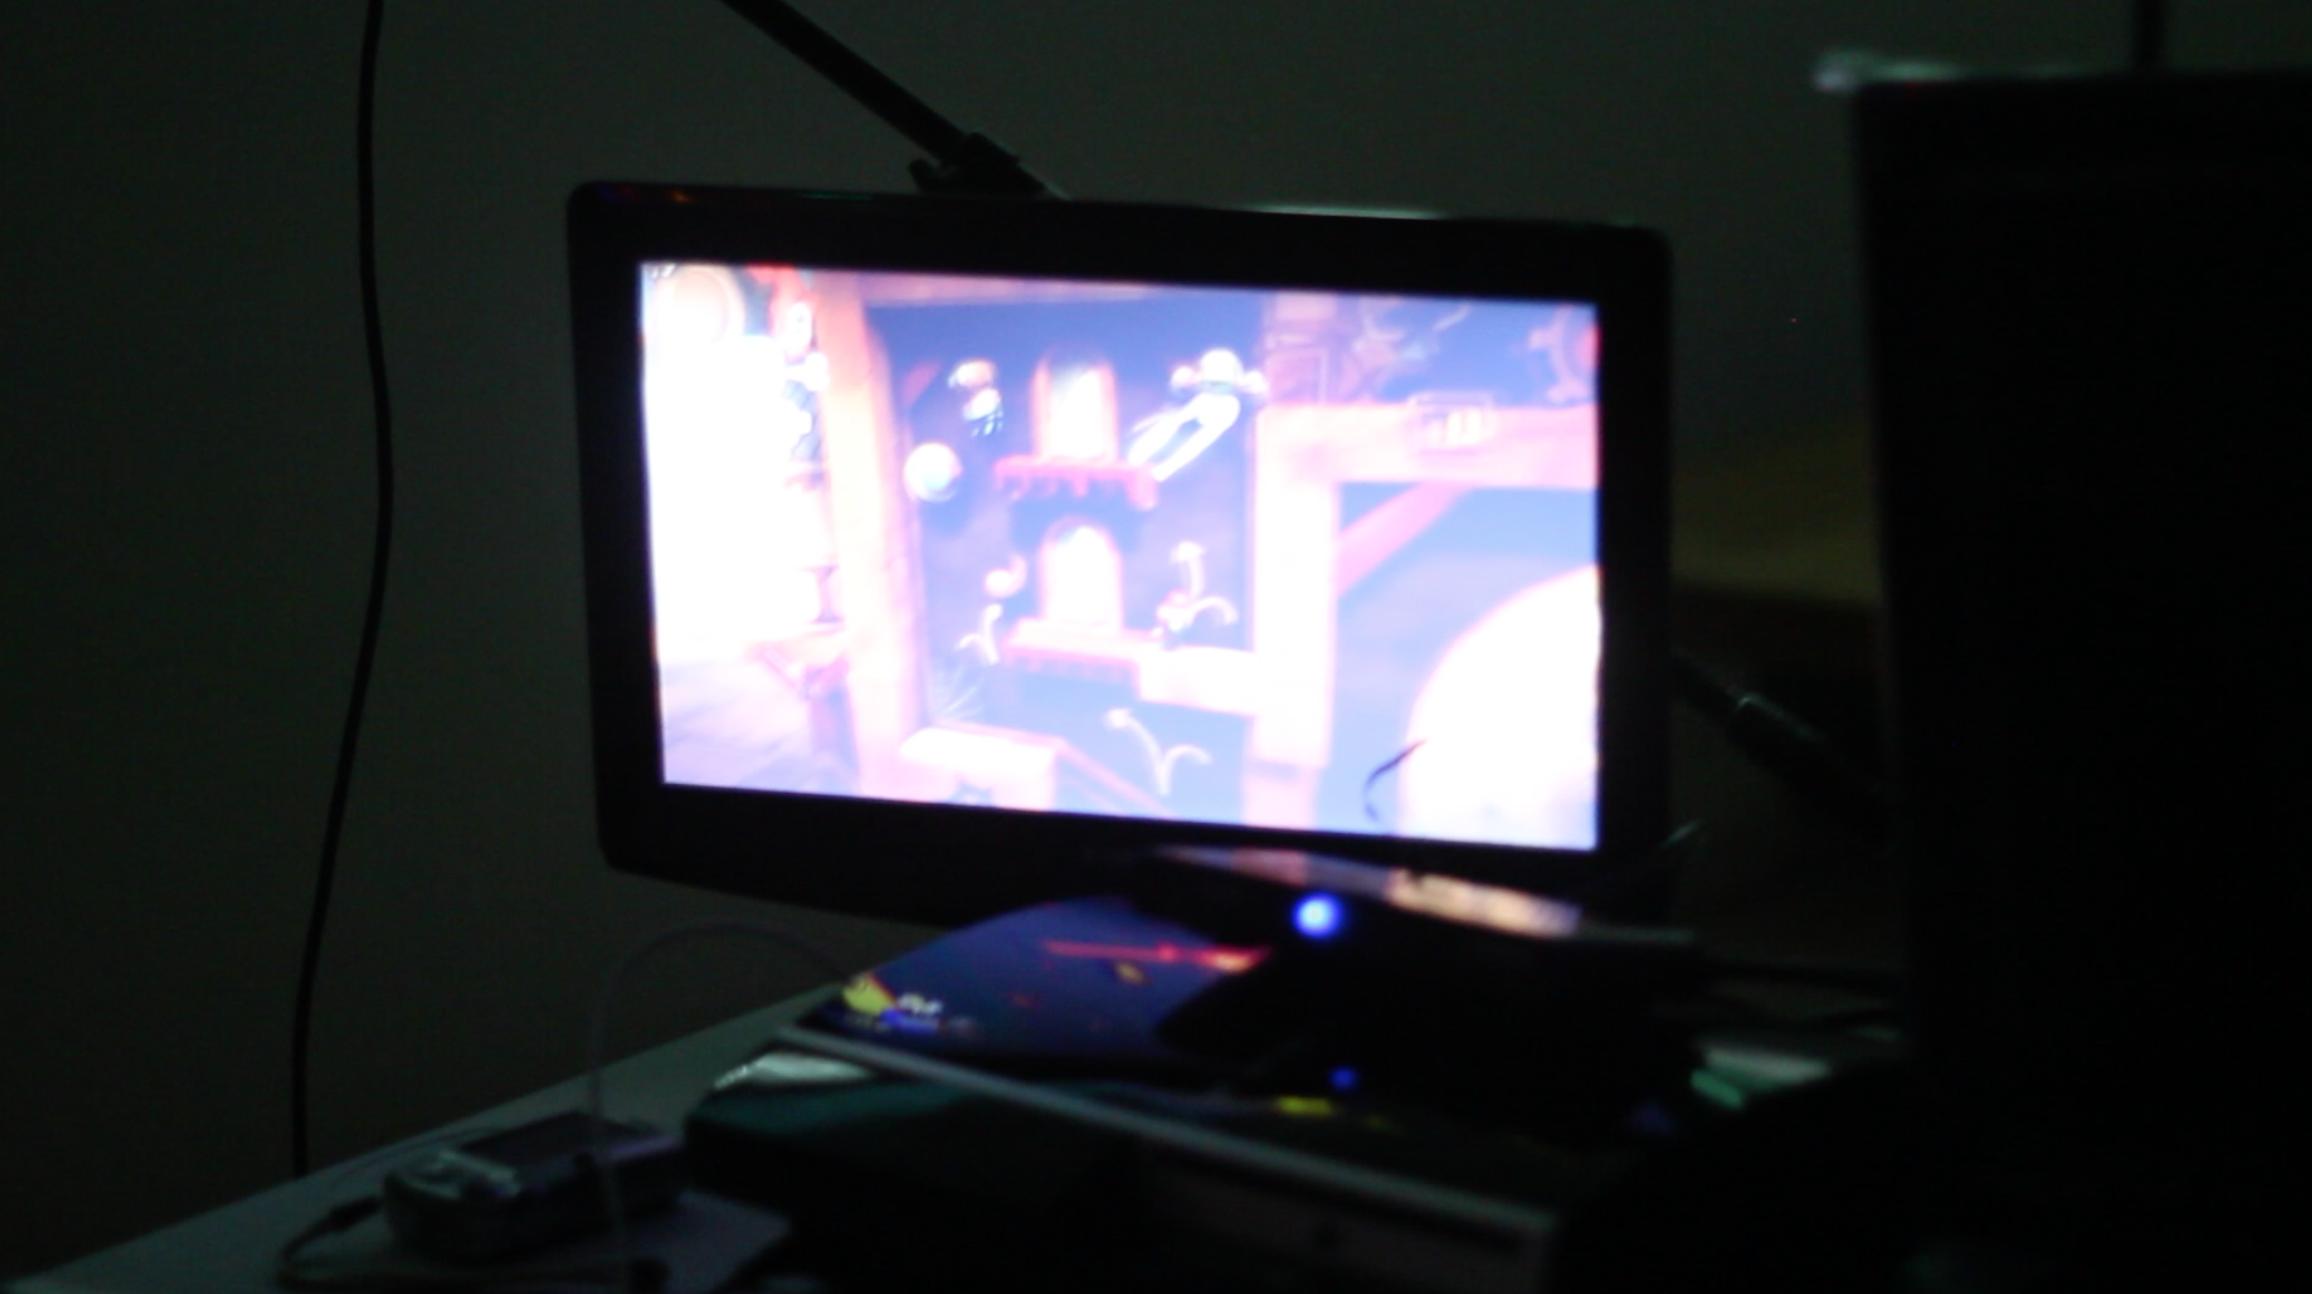 Screen Shot 2014-10-17 at 2.20.51 PM.png